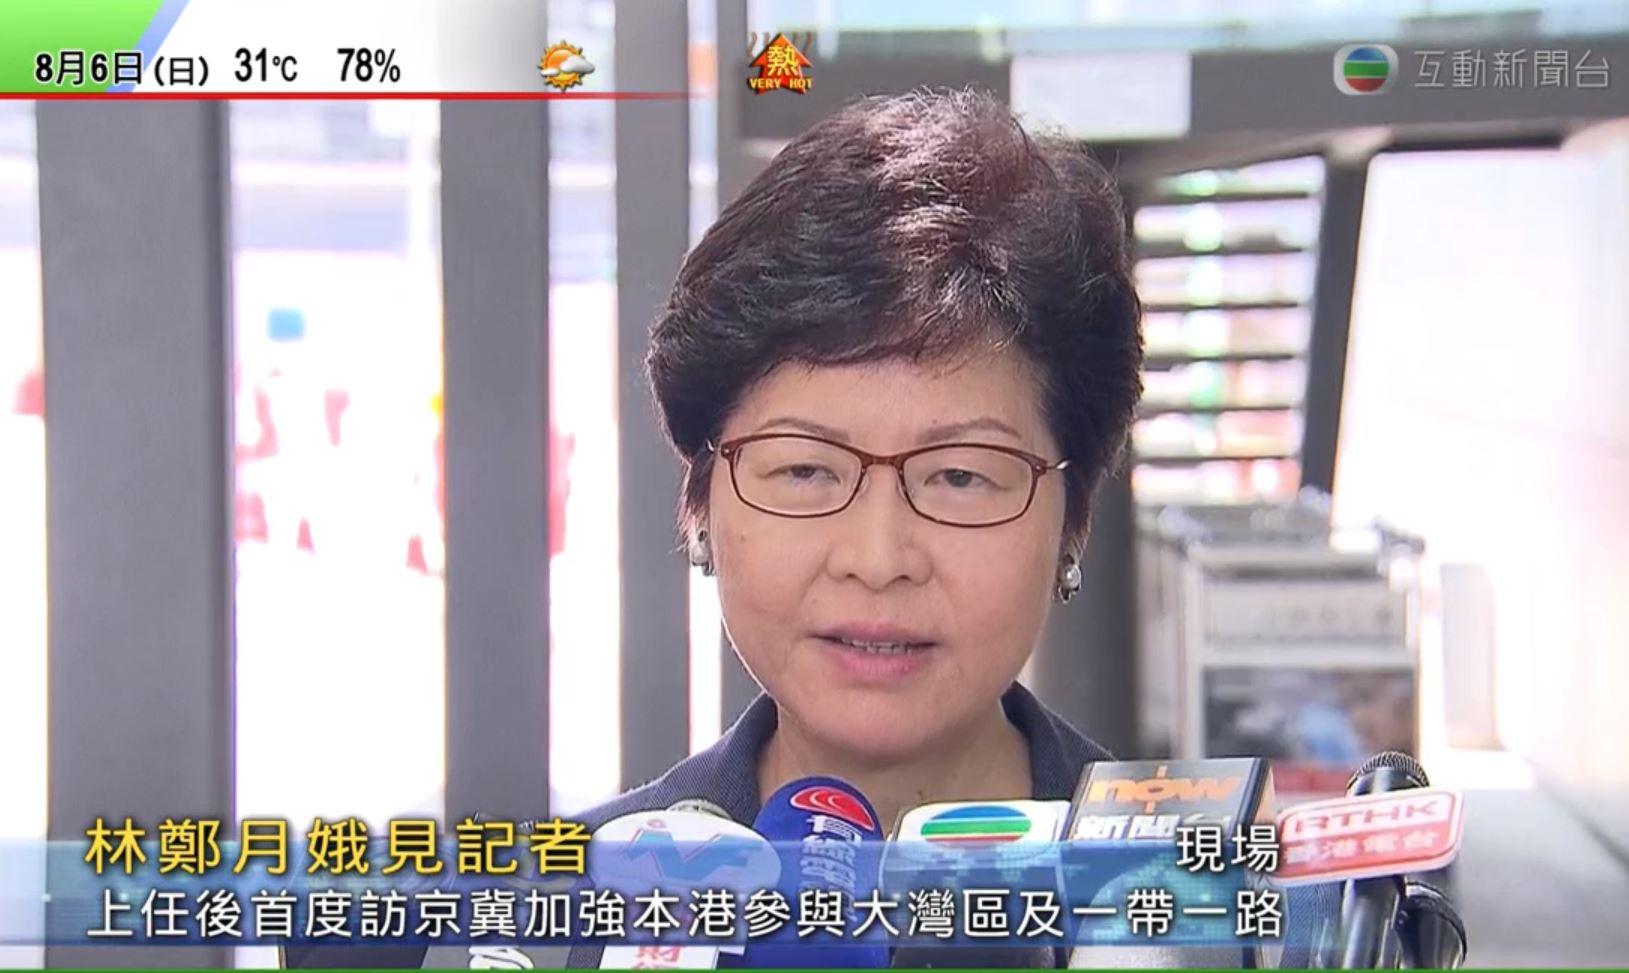 林鄭就任後首訪京 探討港參與大灣區及「一帶一路」建設